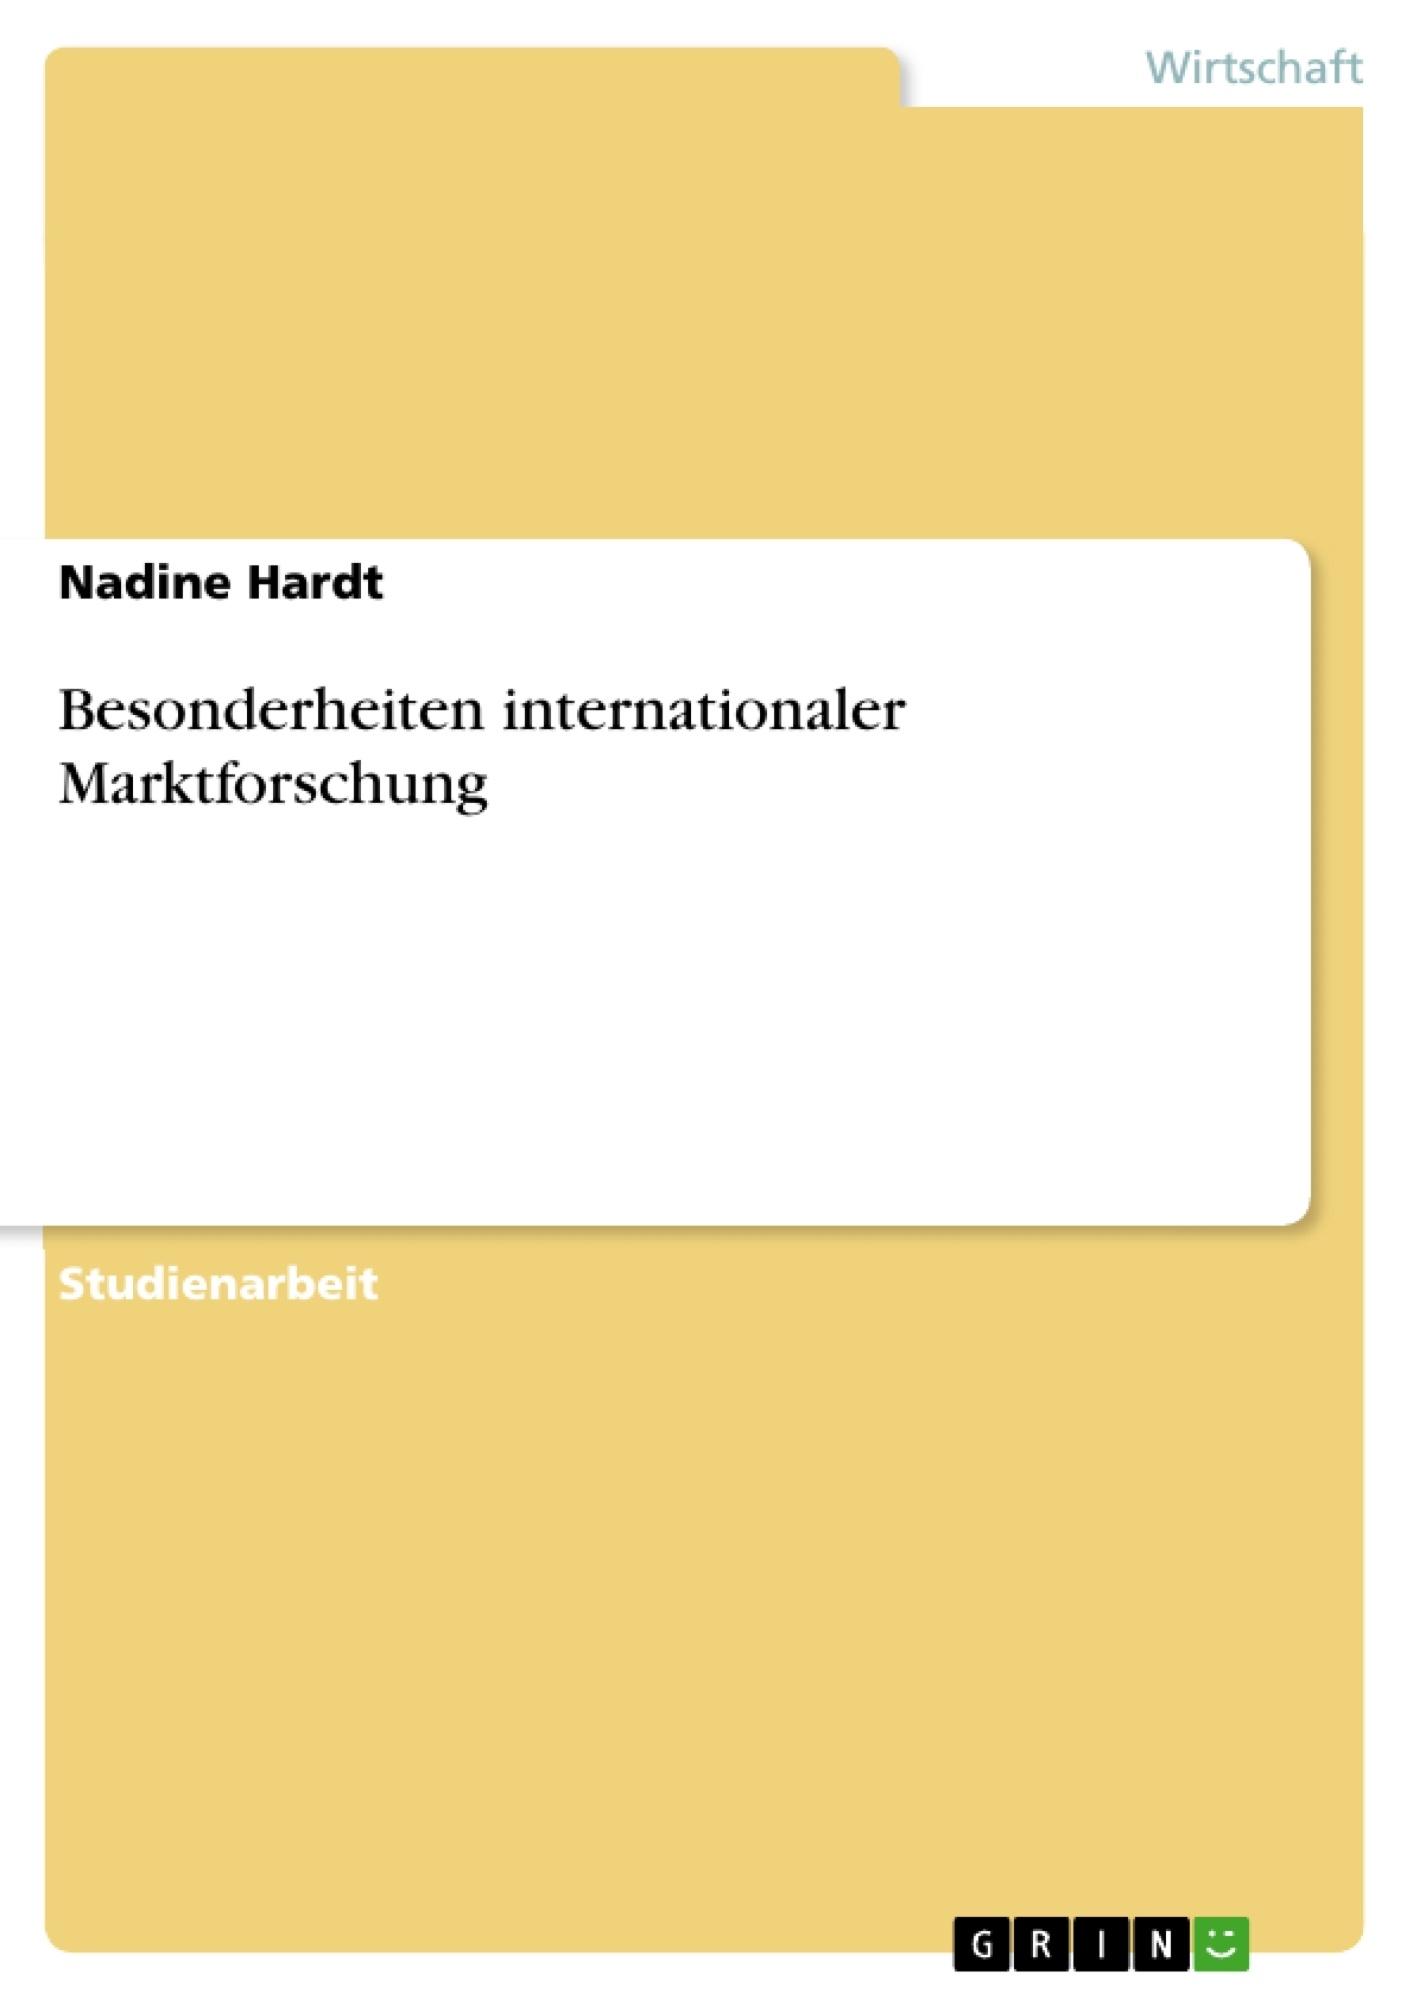 Titel: Besonderheiten internationaler Marktforschung